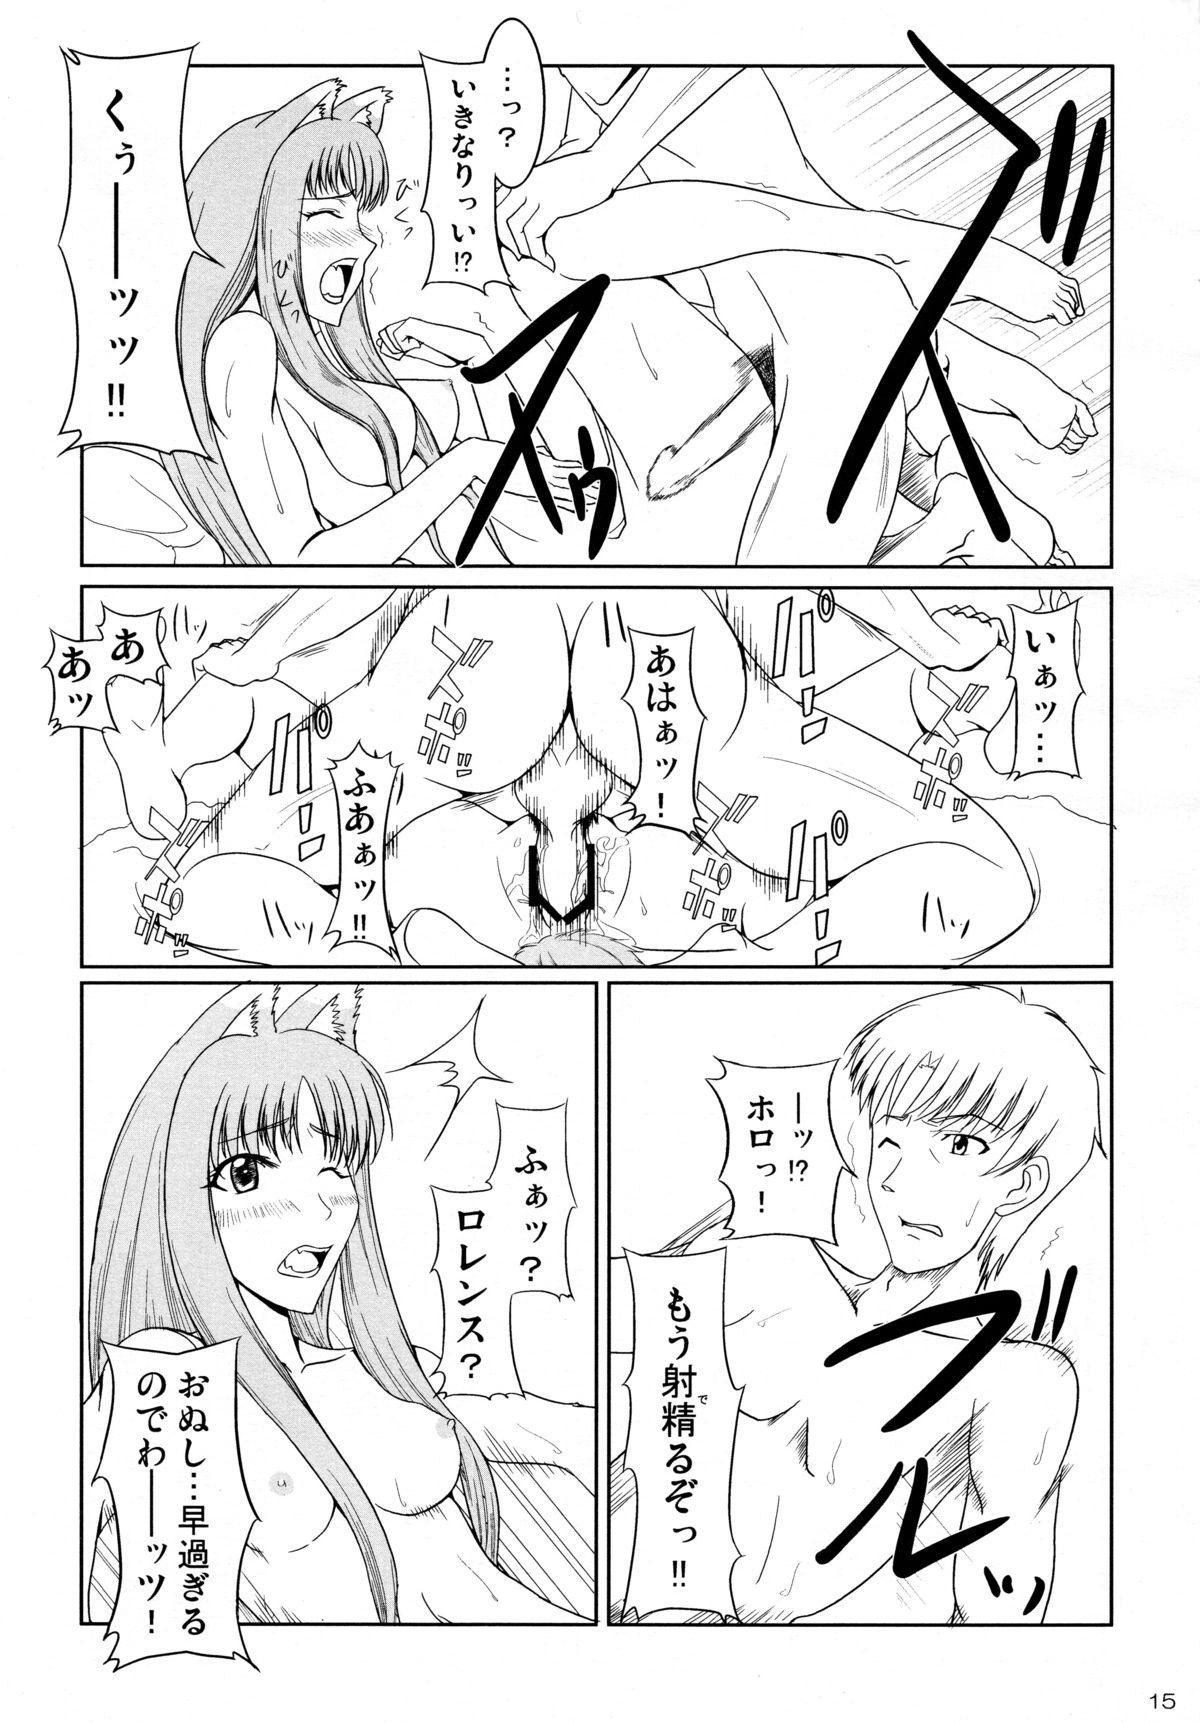 Ookami to Ringo no Hachimitsuzuke 14